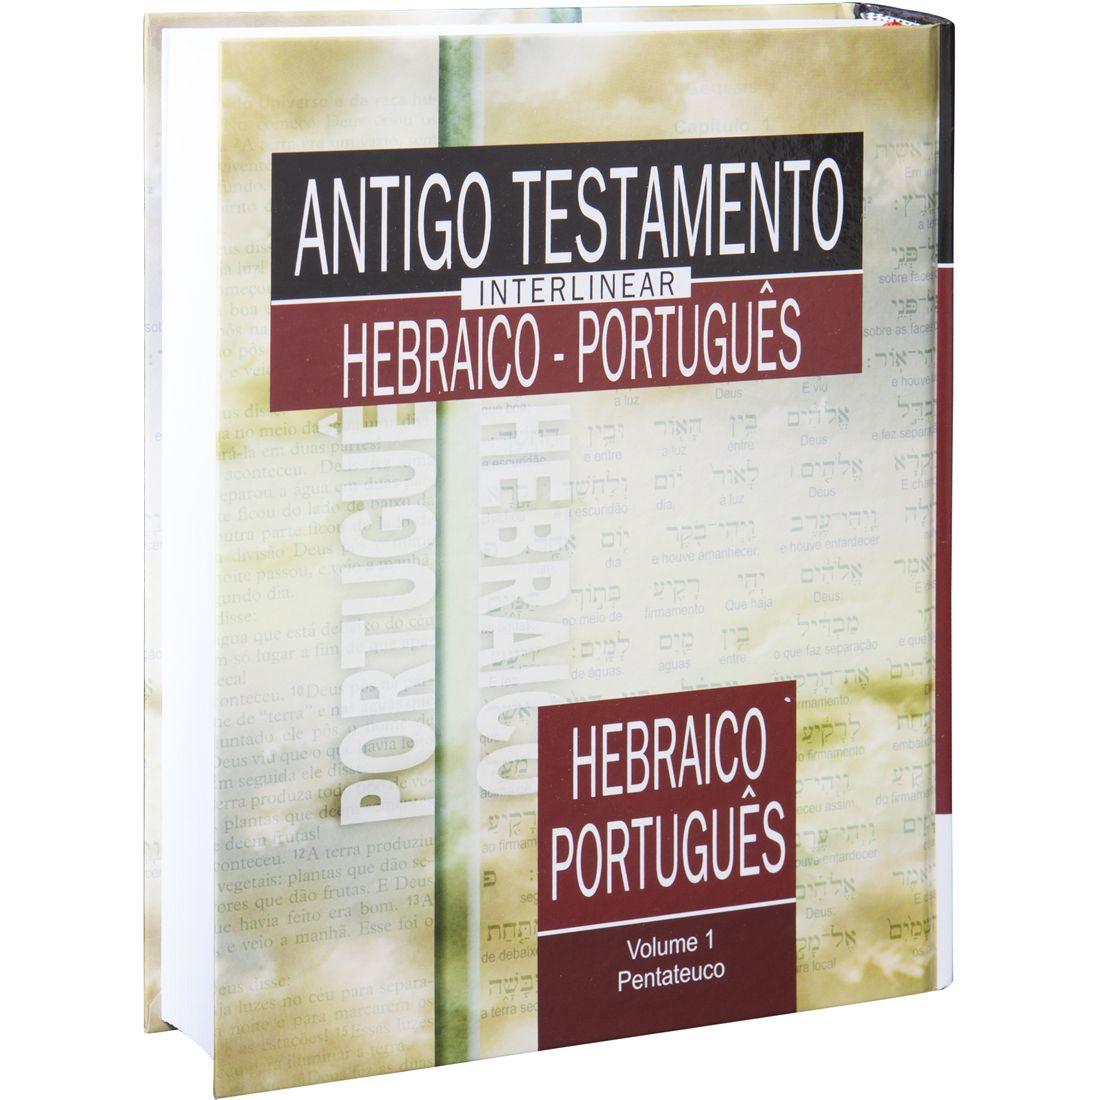 Antigo Testamento Interlinear Hebraico-Português Vol. 1 - Pentateuco